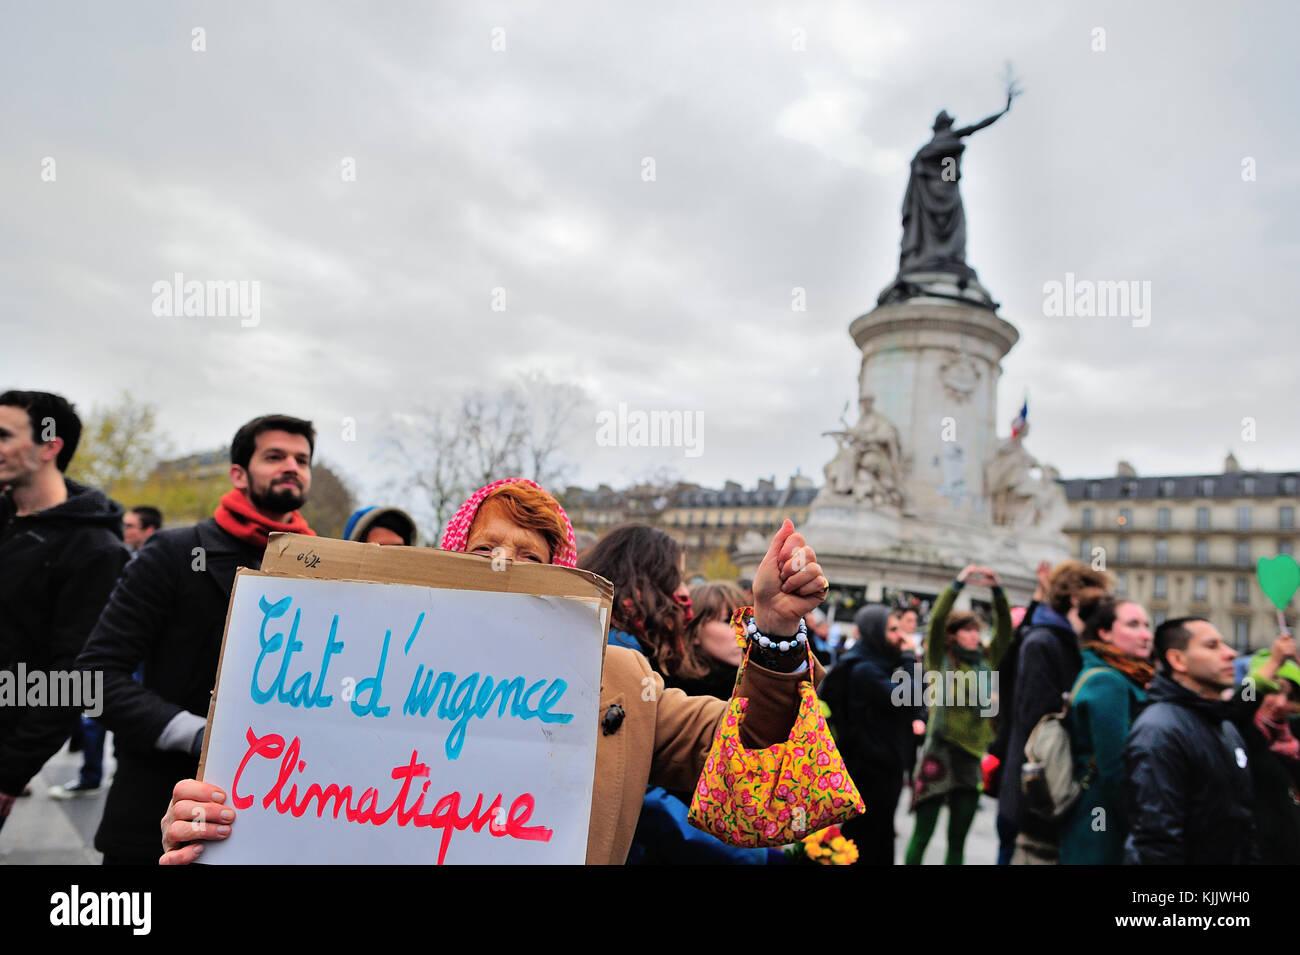 Umweltschützer Demonstration in Paris. Frankreich. Stockbild